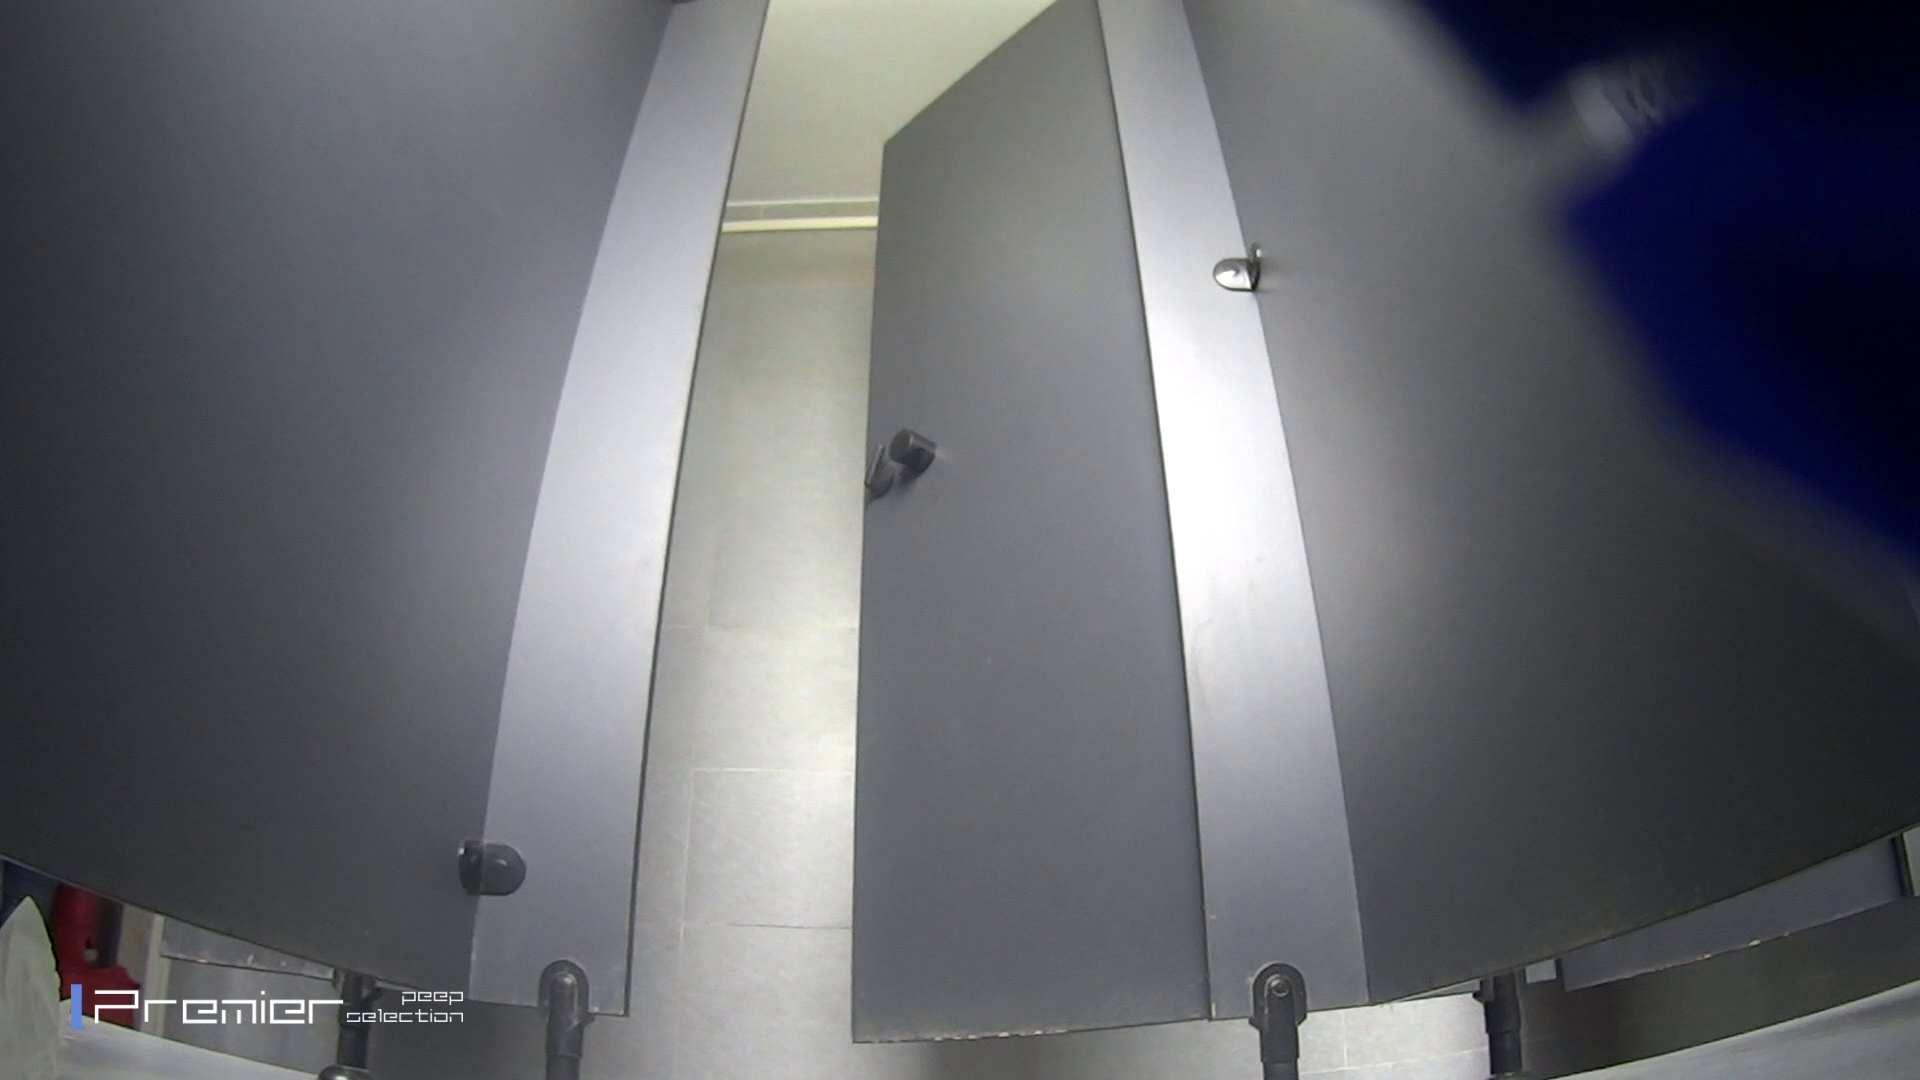 ツンデレお女市さんのトイレ事情 大学休憩時間の洗面所事情32 美肌 おまんこ動画流出 35画像 16